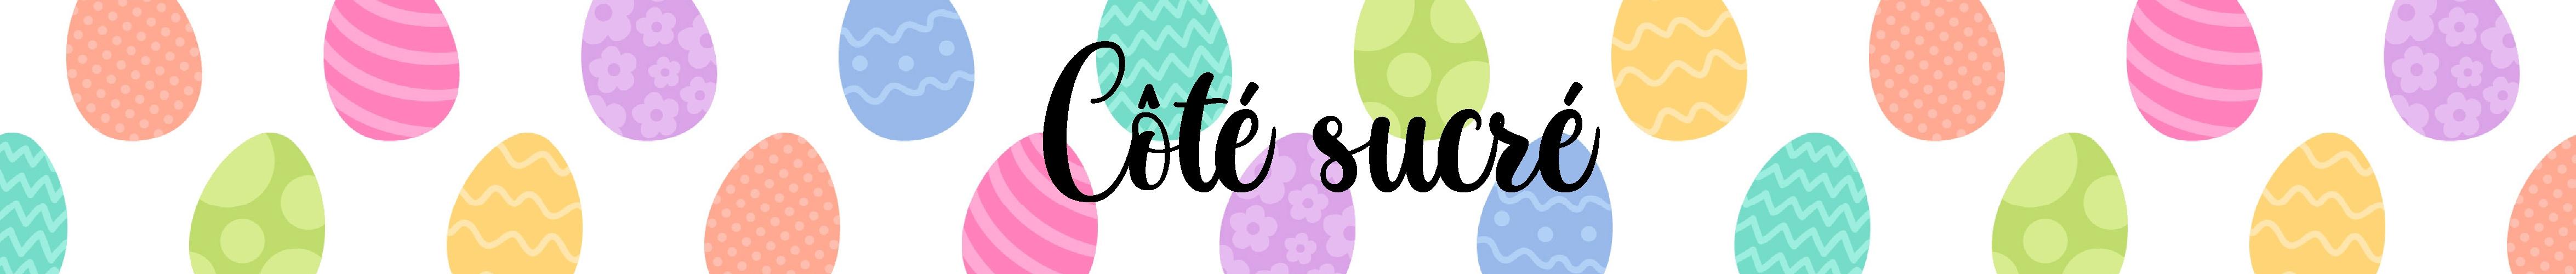 Pâques sucré Pâques